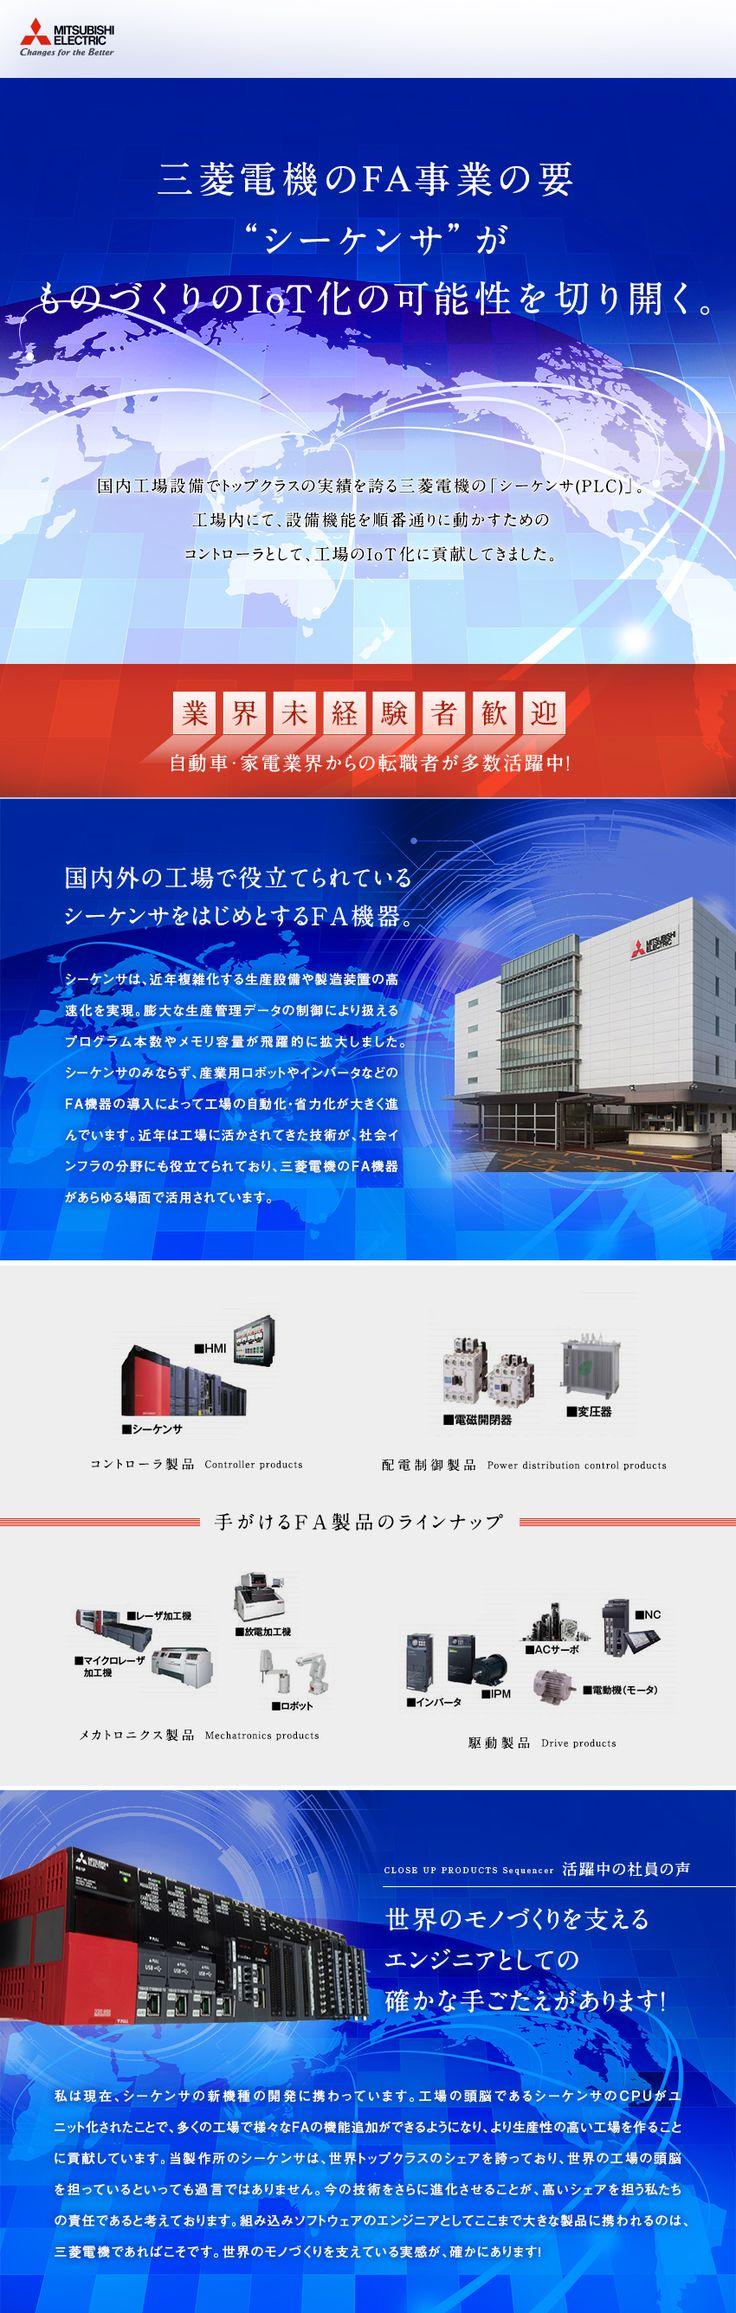 三菱電機株式会社 名古屋製作所/組込みソフトウェア開発(制御系/C言語)の求人PR - 転職ならDODA(デューダ)